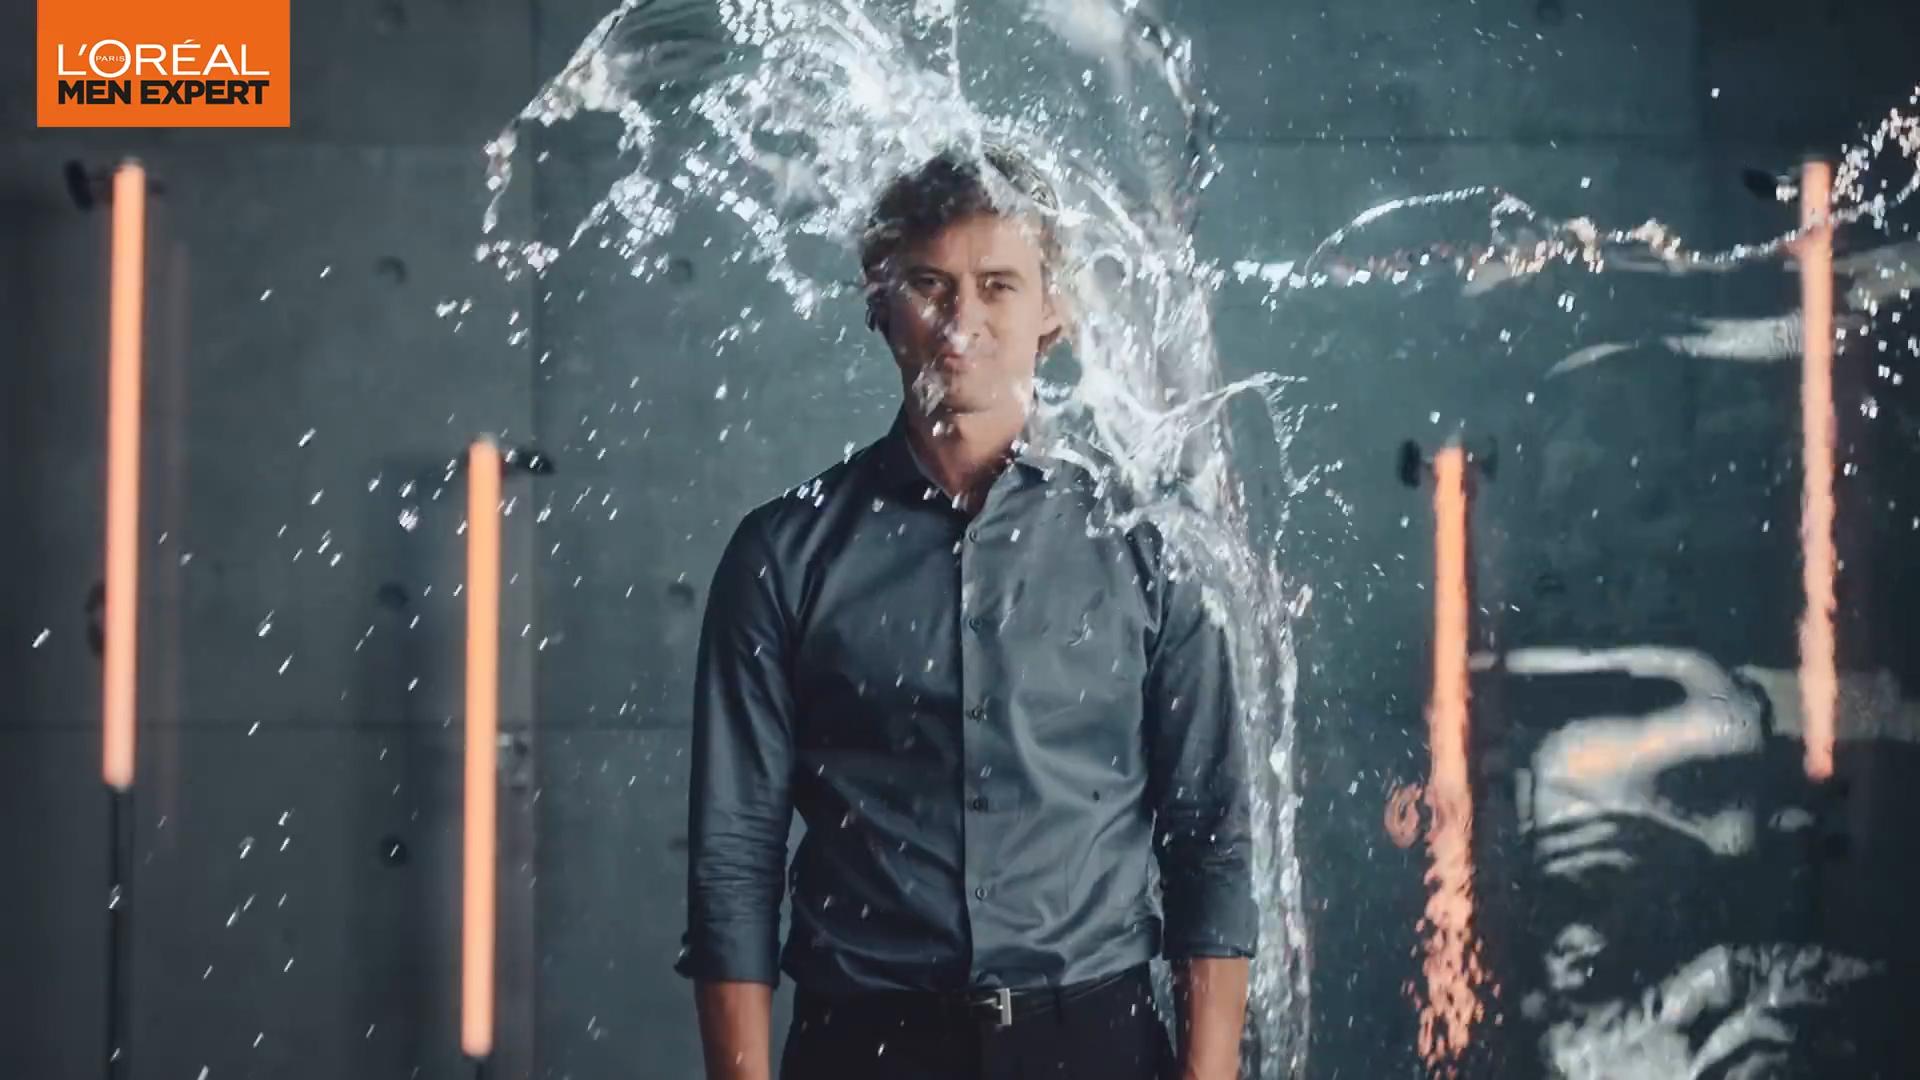 L'Oréal Men Expert: Duschen, Cremen, ab in den Tag.